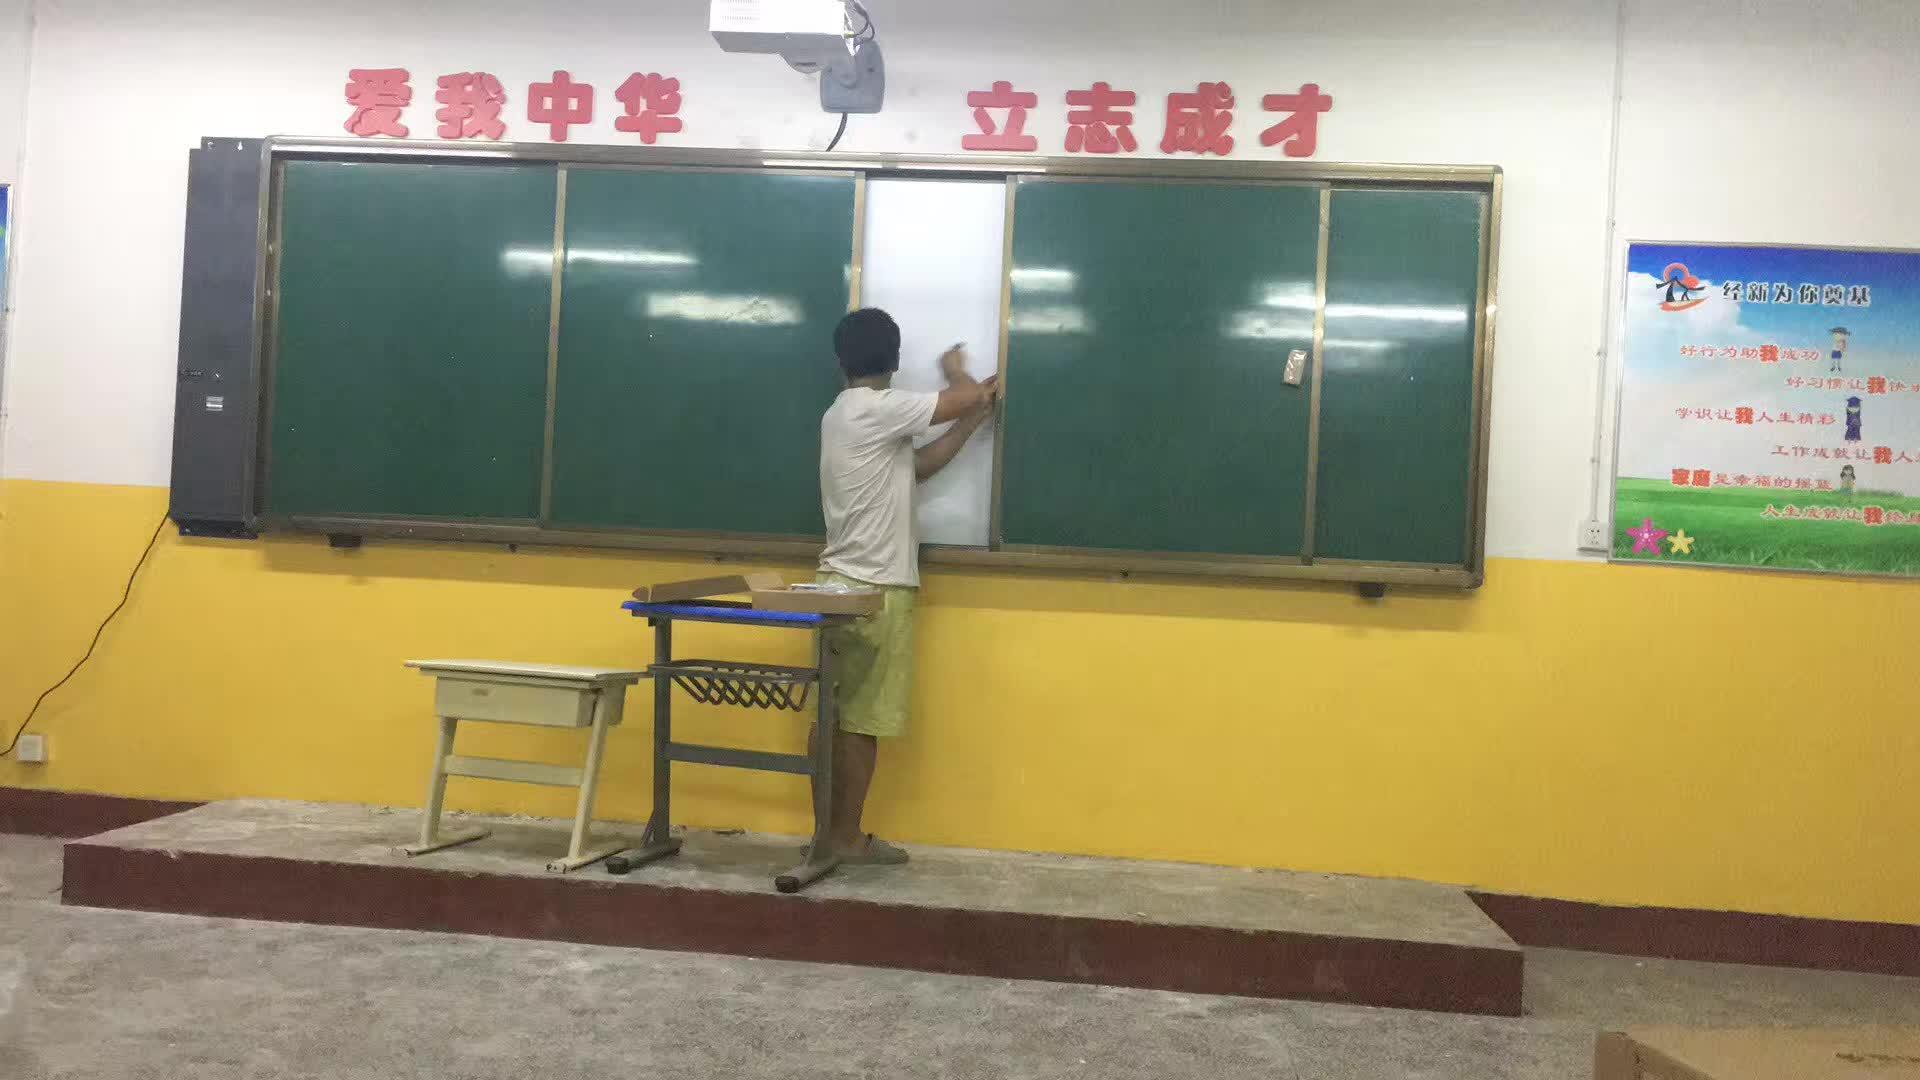 多媒体一体机  教学一体机   绿板  电子白板 投影机 推拉绿板